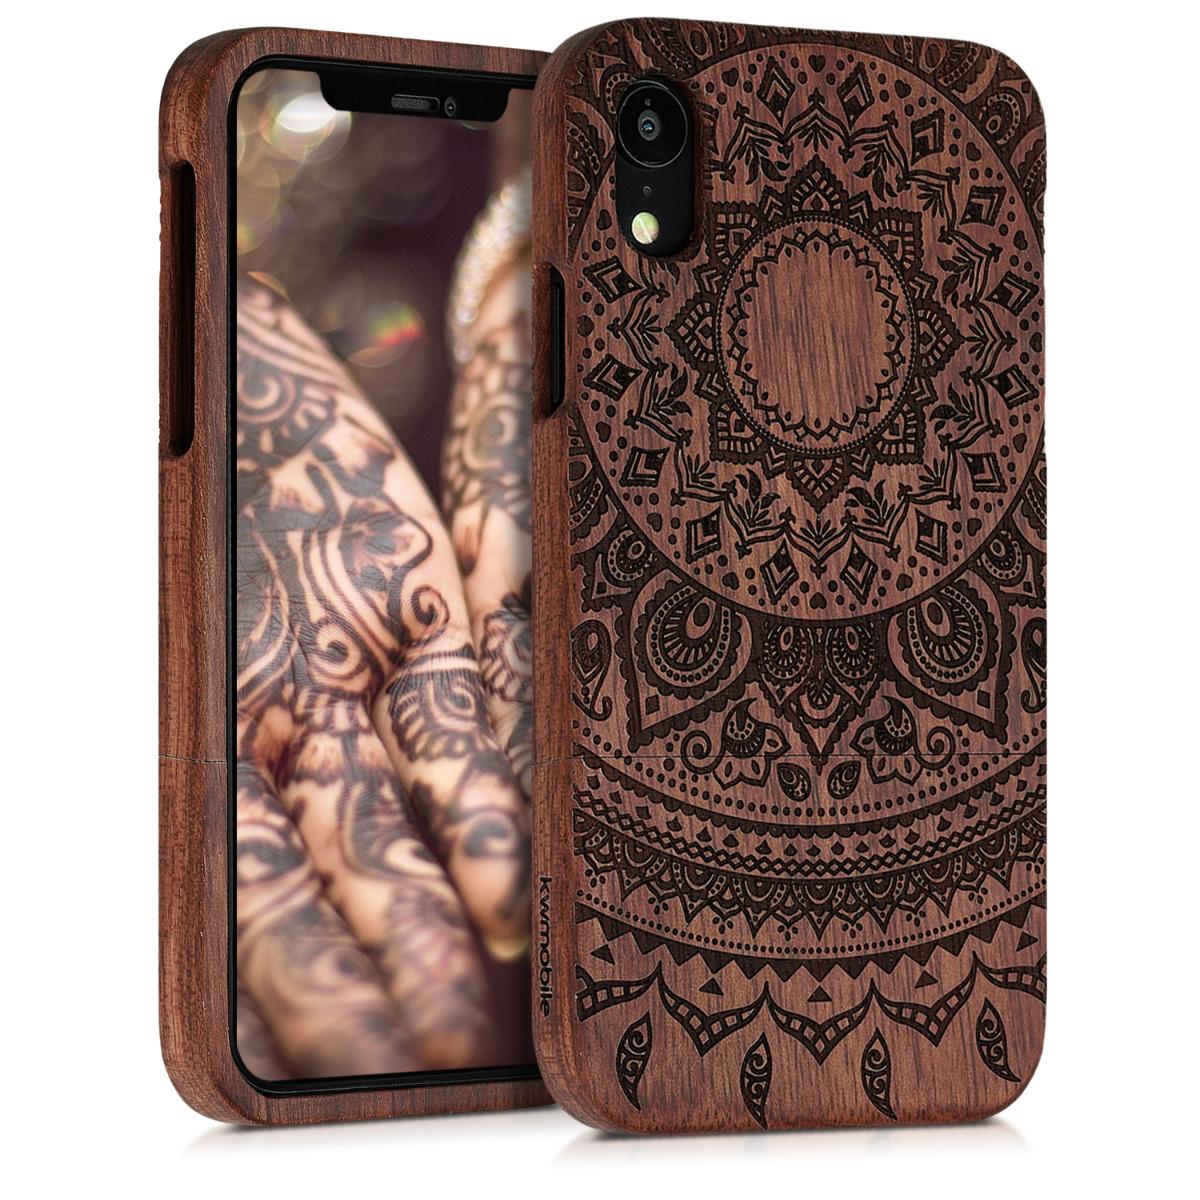 KW Ξύλινη Θήκη iPhone XR - Dark Brown (46749.01)